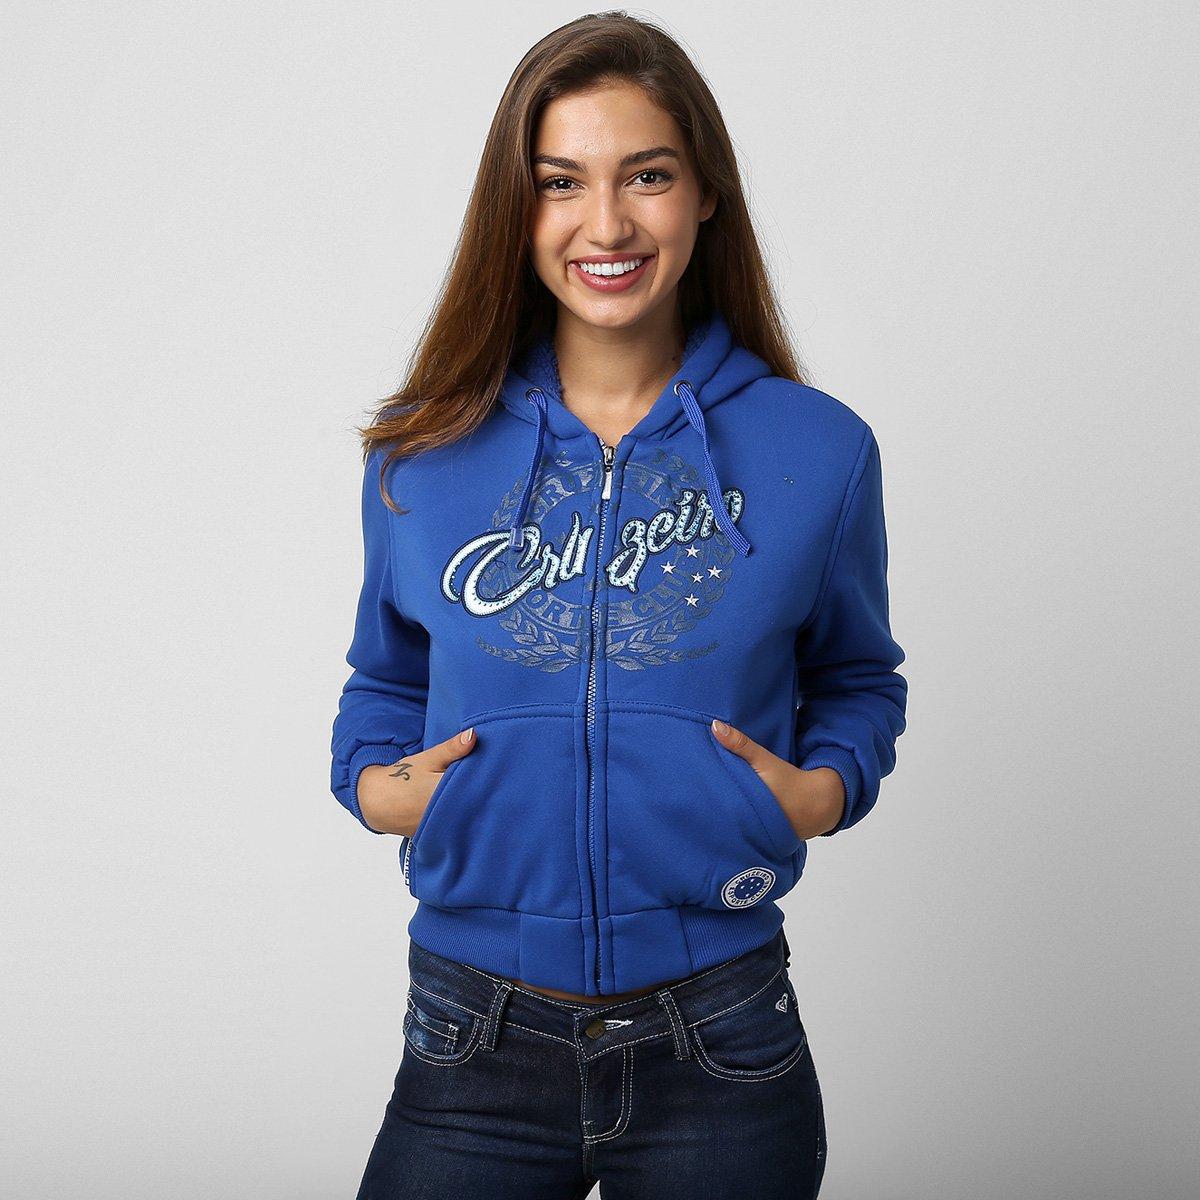 cadc536a4 Moletom Feminino Cruzeiro c  Capuz - Compre Agora